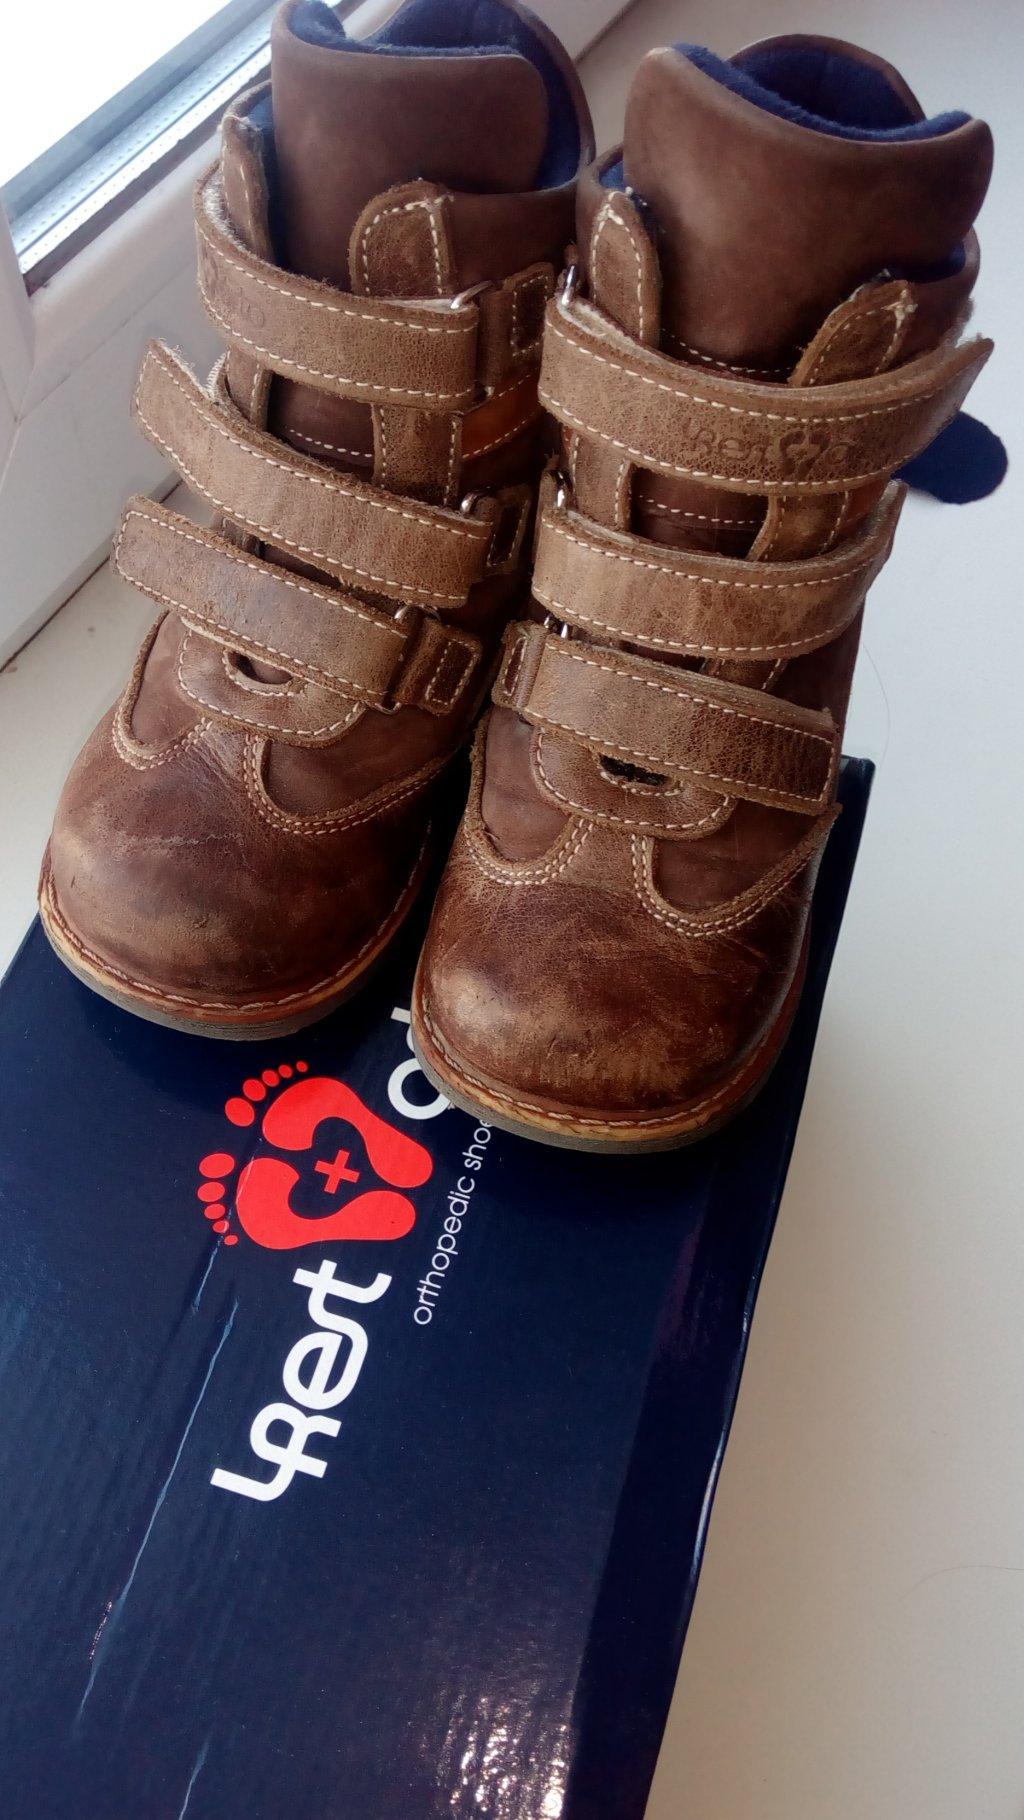 6447cf2d2 Детская обувь 4Rest-Orto - Испорченное впечатление и выброшенные деньги ...